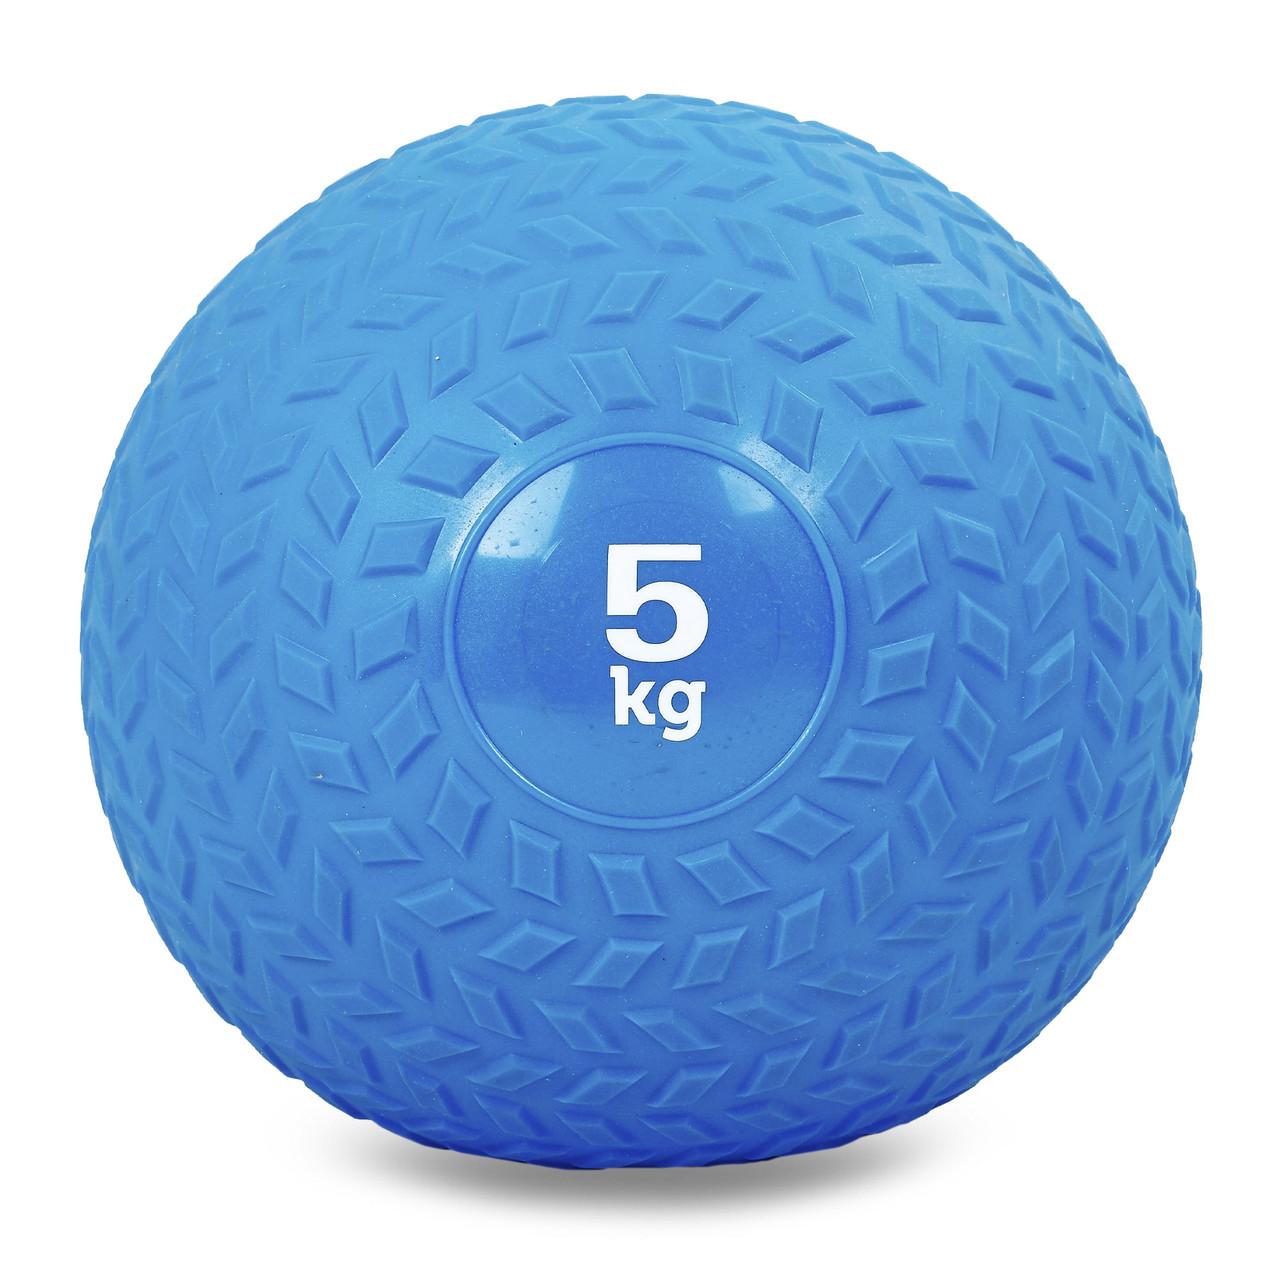 Мяч набивной слэмбол для кроссфита 5кг BALL d-23см FI-5729-5